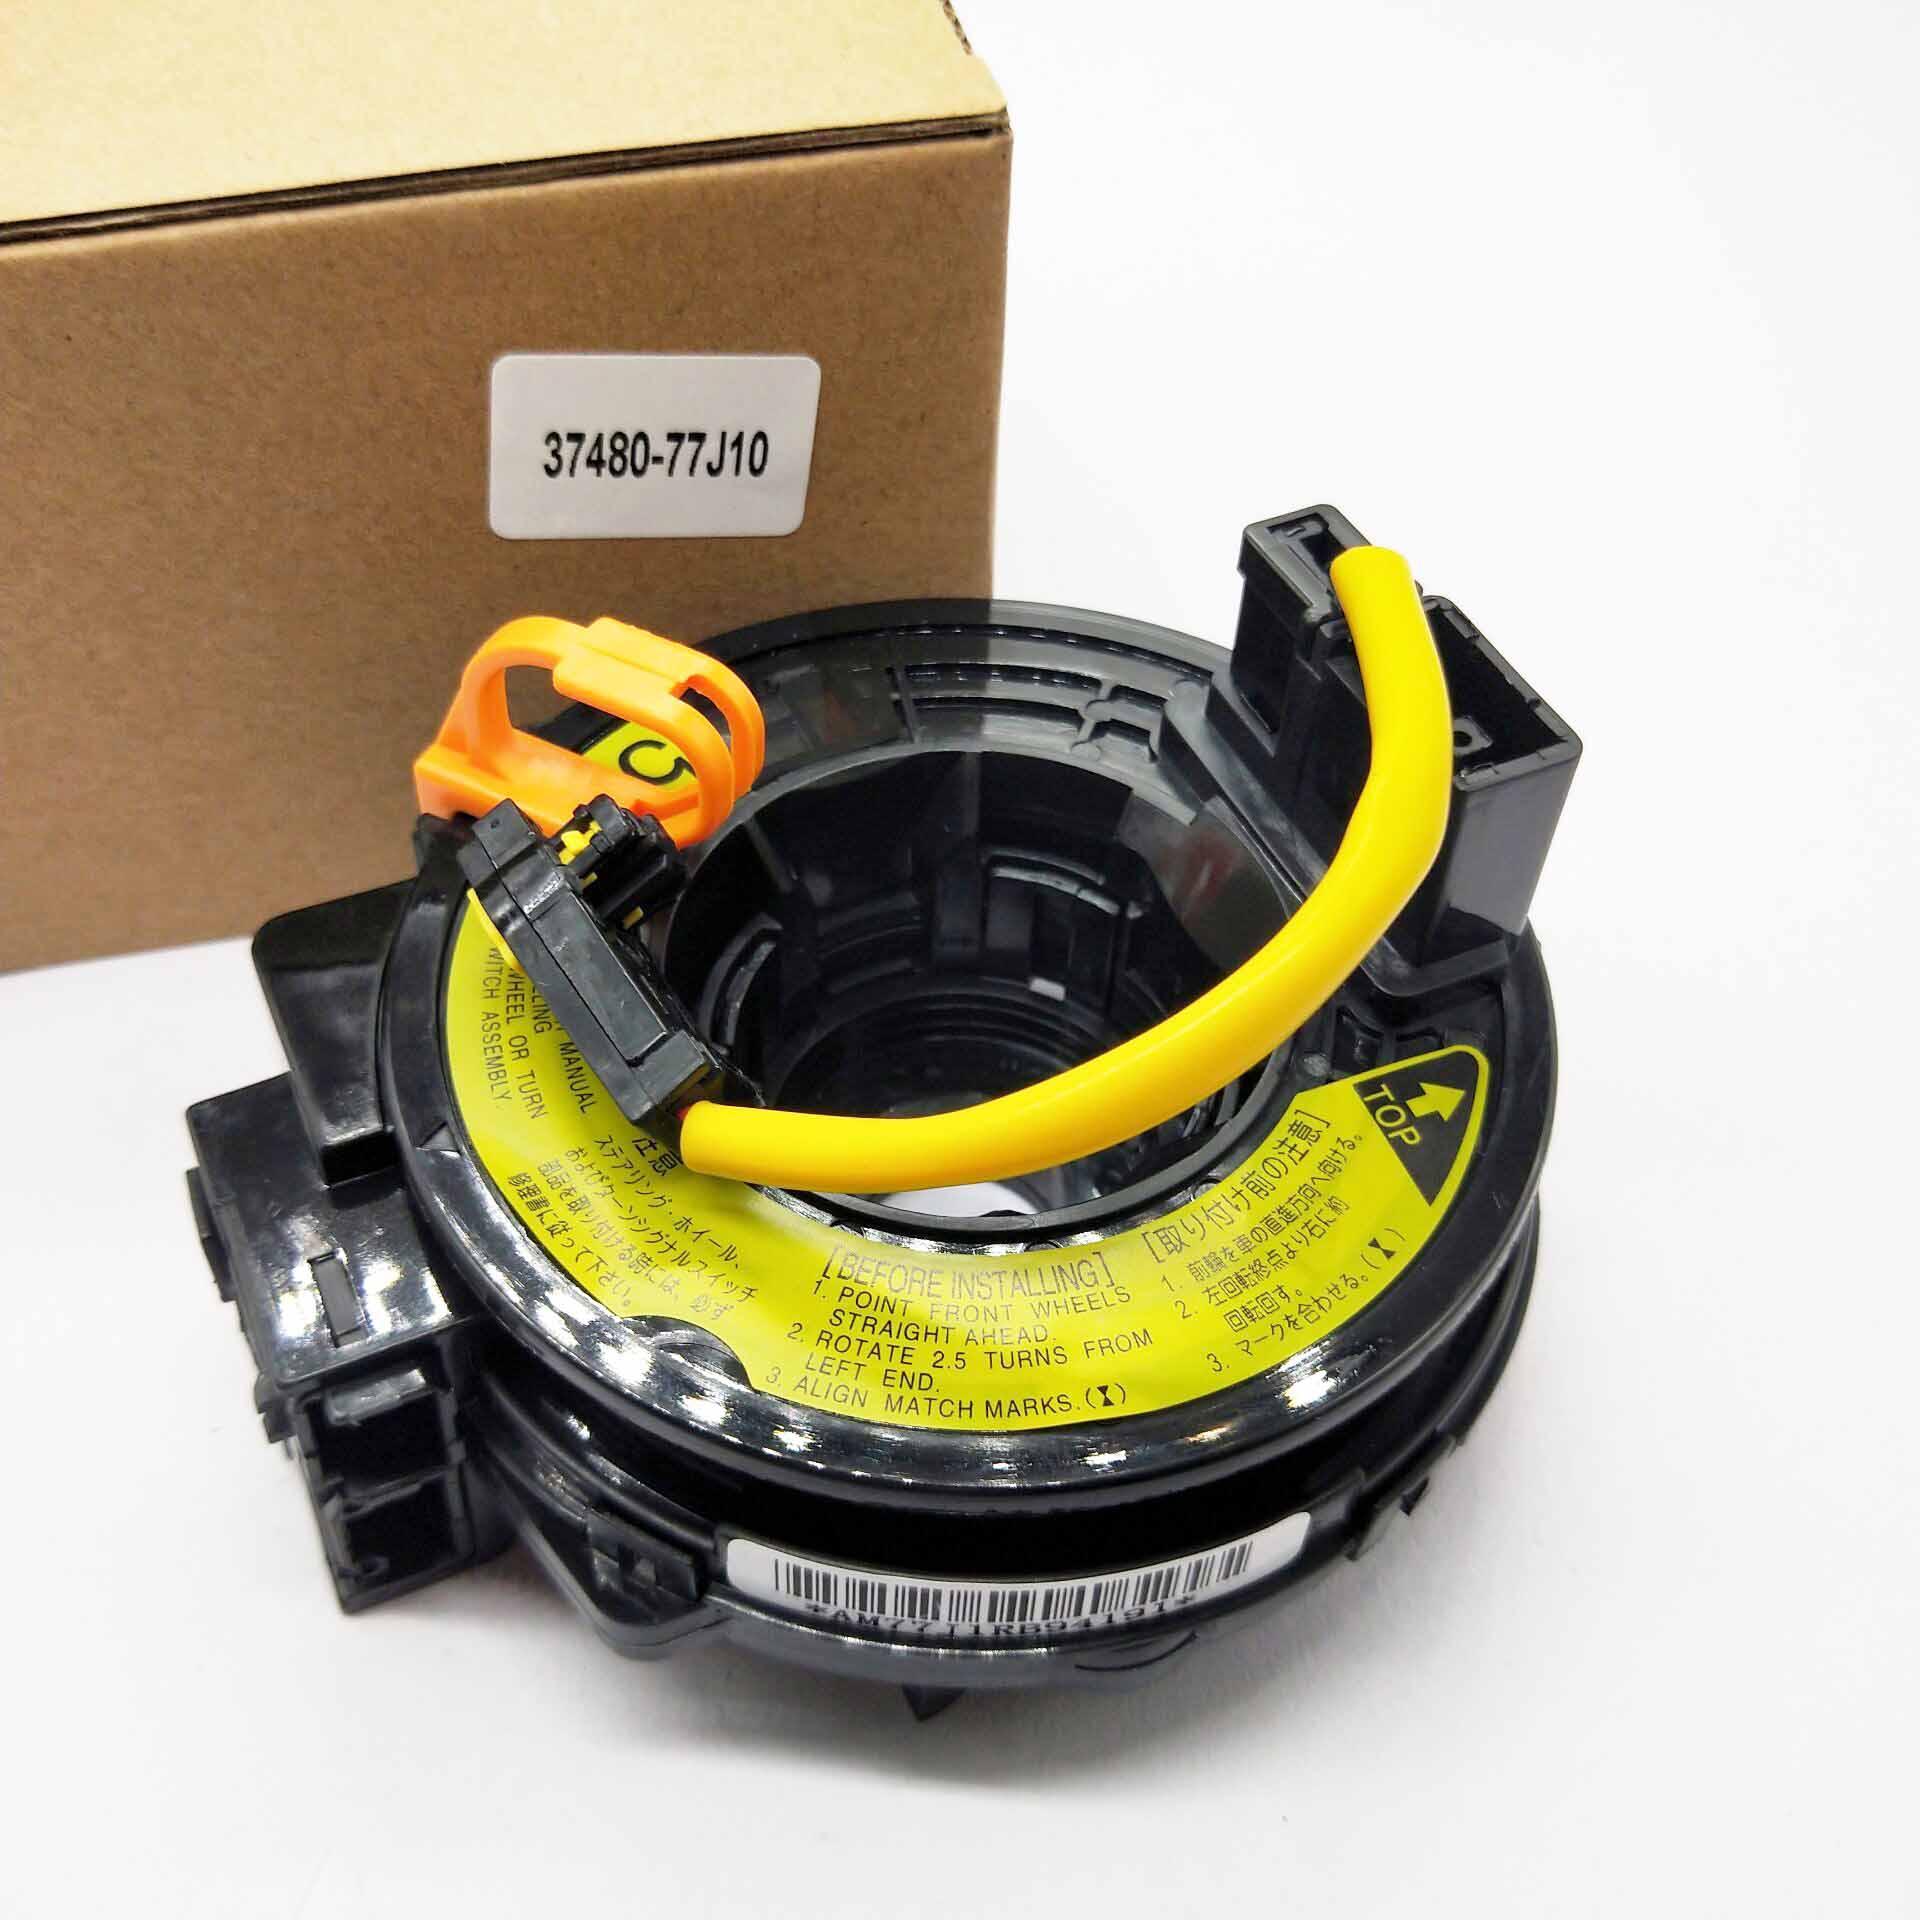 37480-77J10 37480-77J10-000 póngase en contacto con SPRG bobina de Cable para S uzuki Swift SX4 Alto 3748077J10